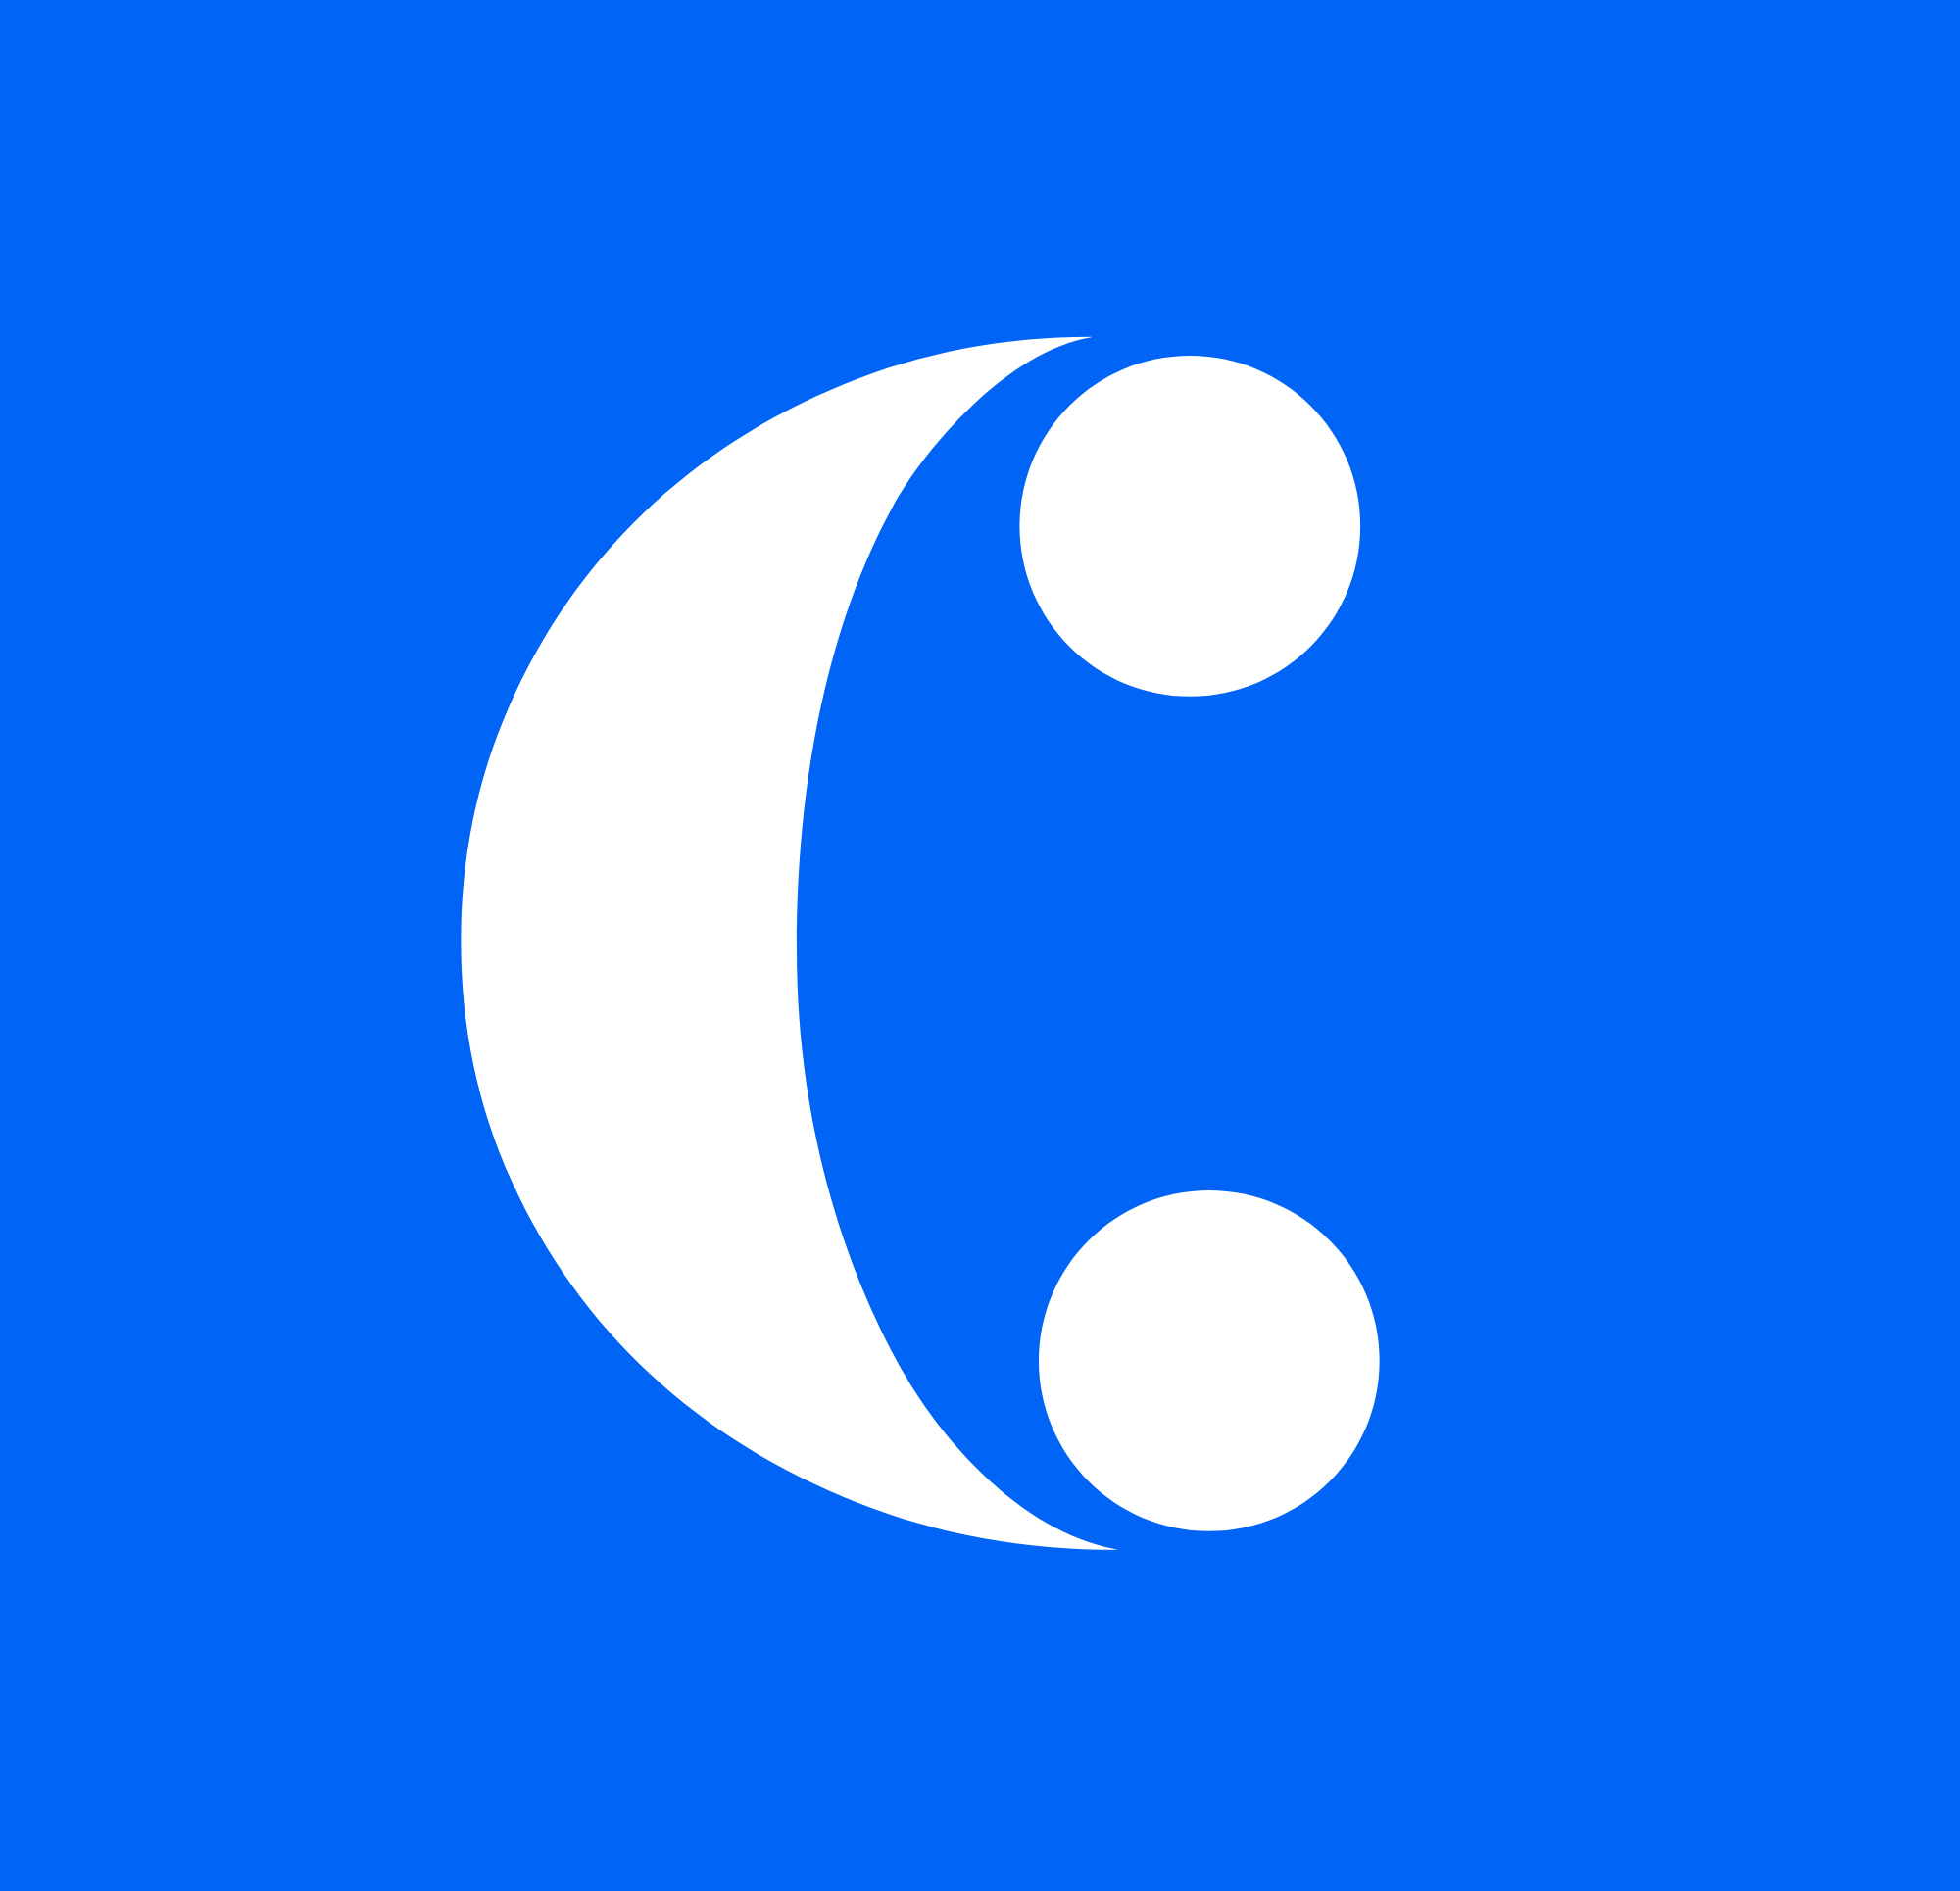 Cheerz nouvelle identité logo le C